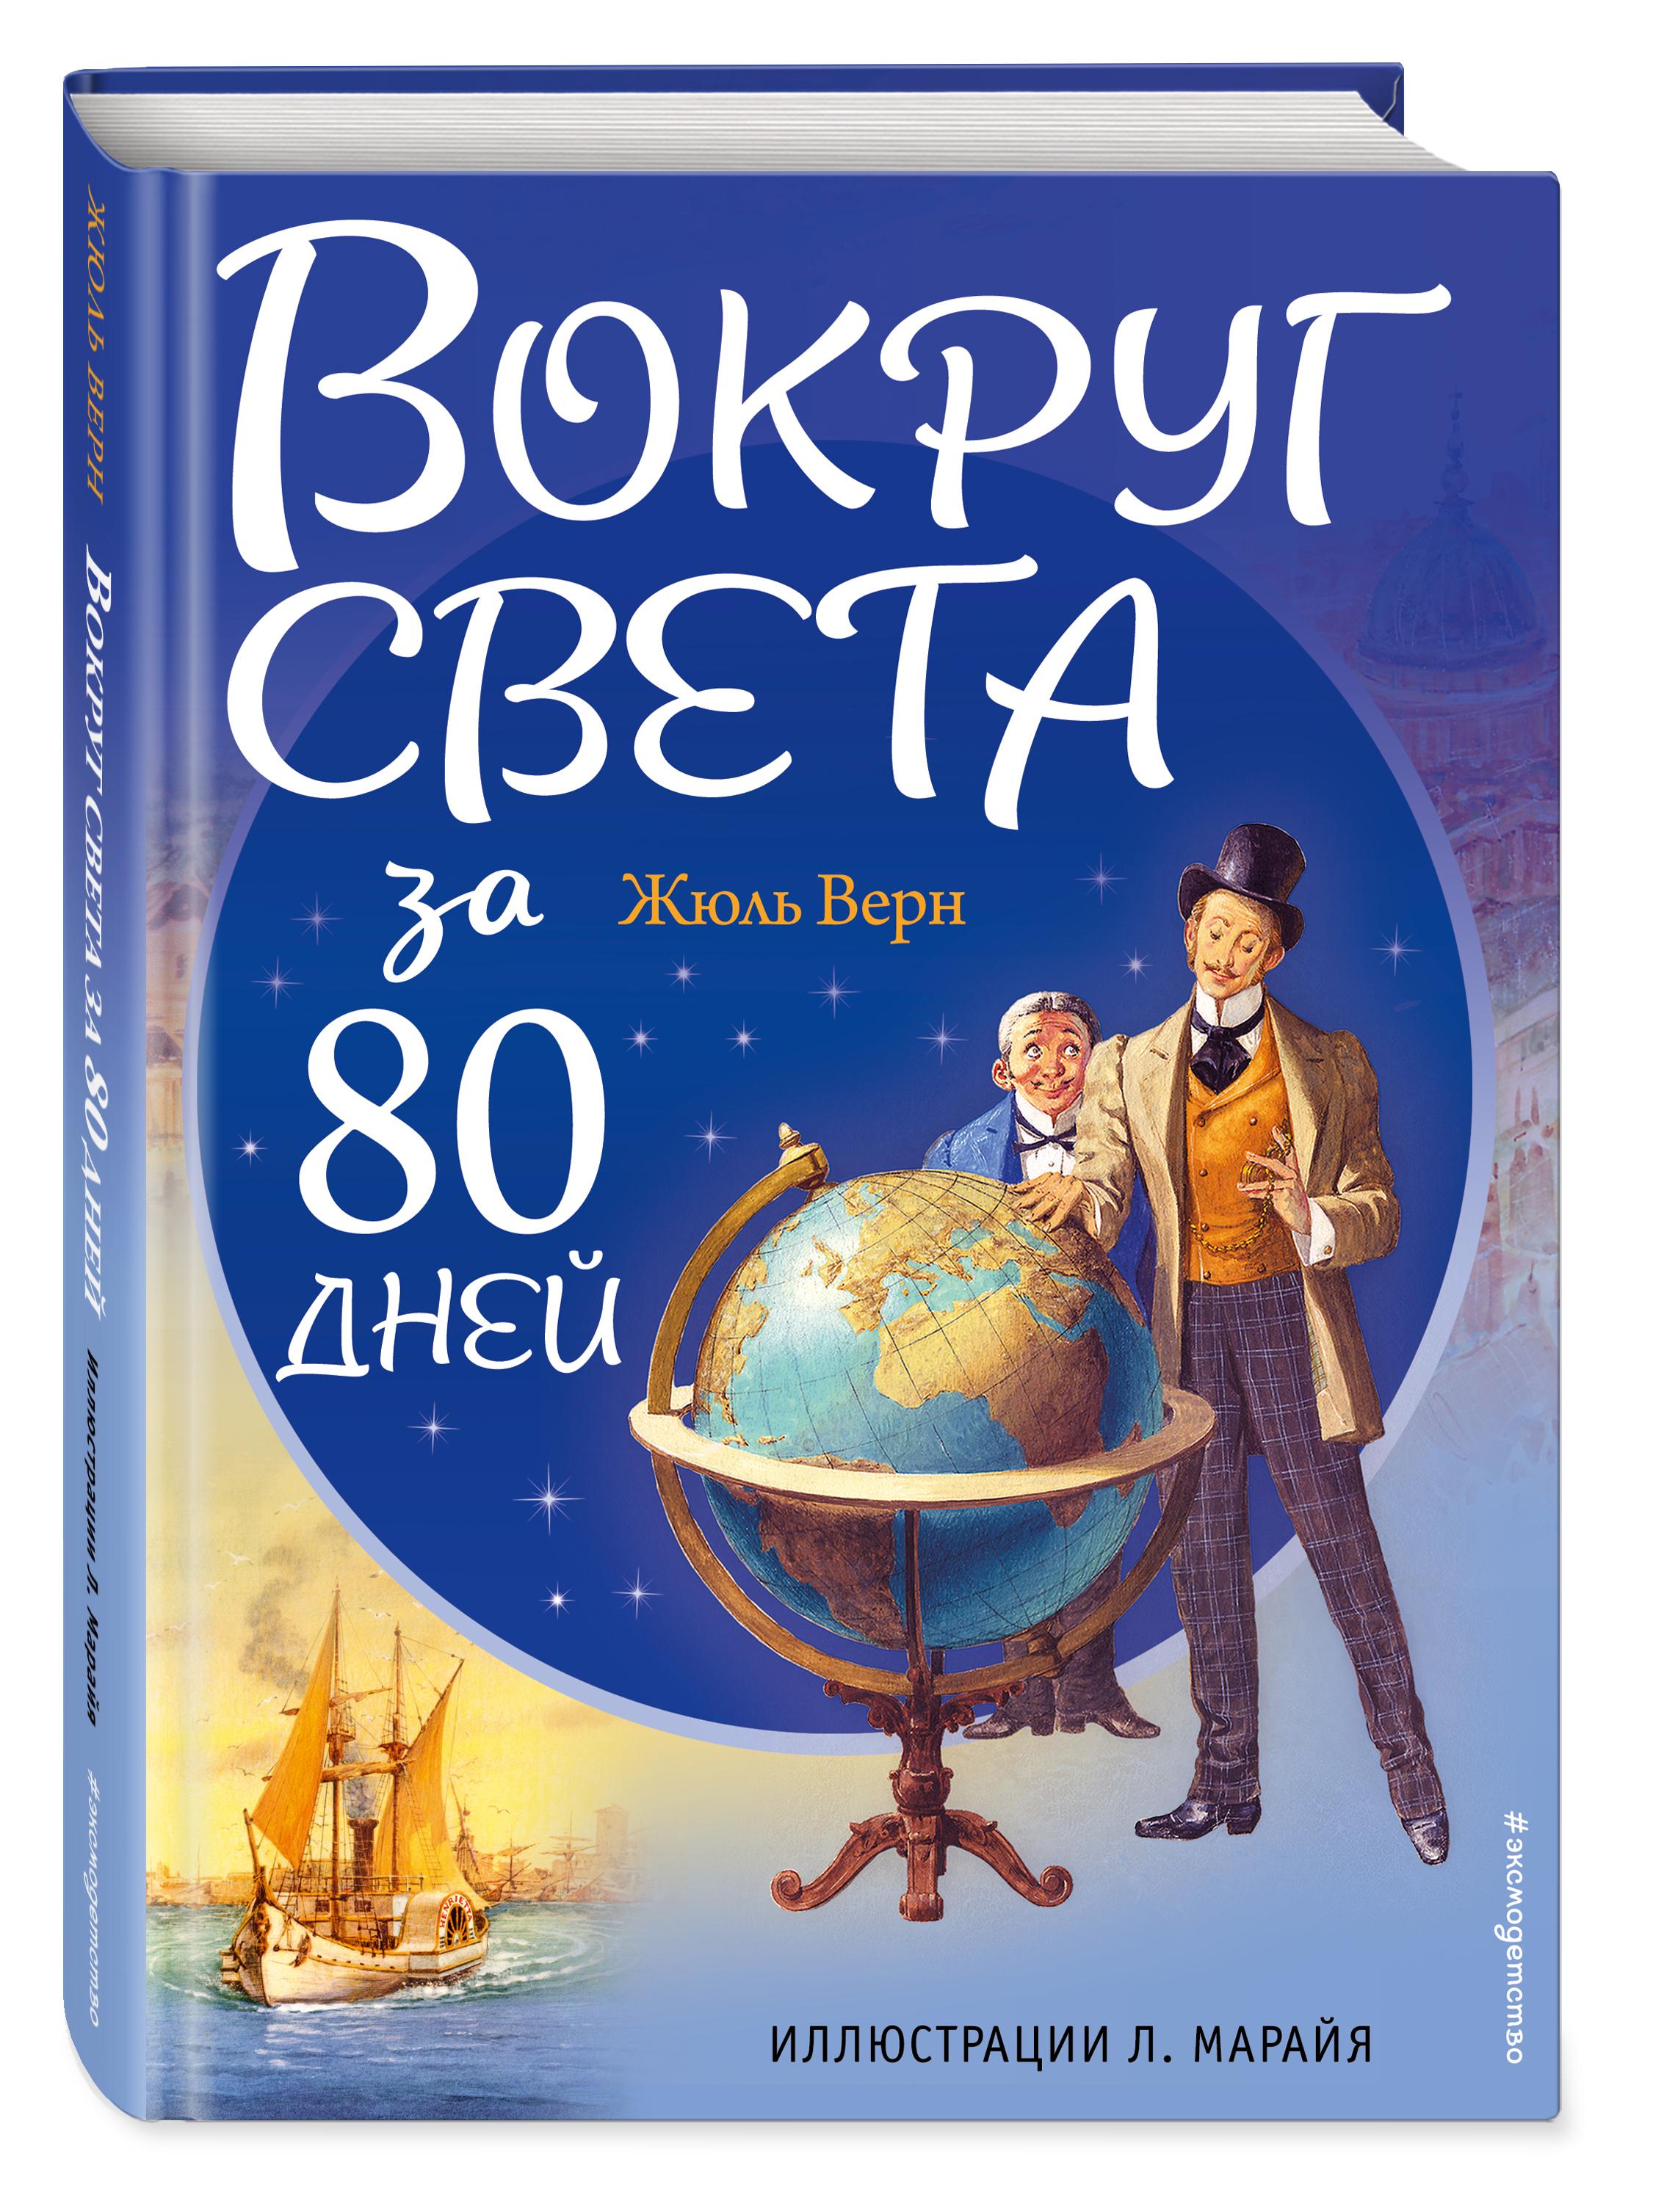 Вокруг света за 80 дней (ил. Л. Марайя)